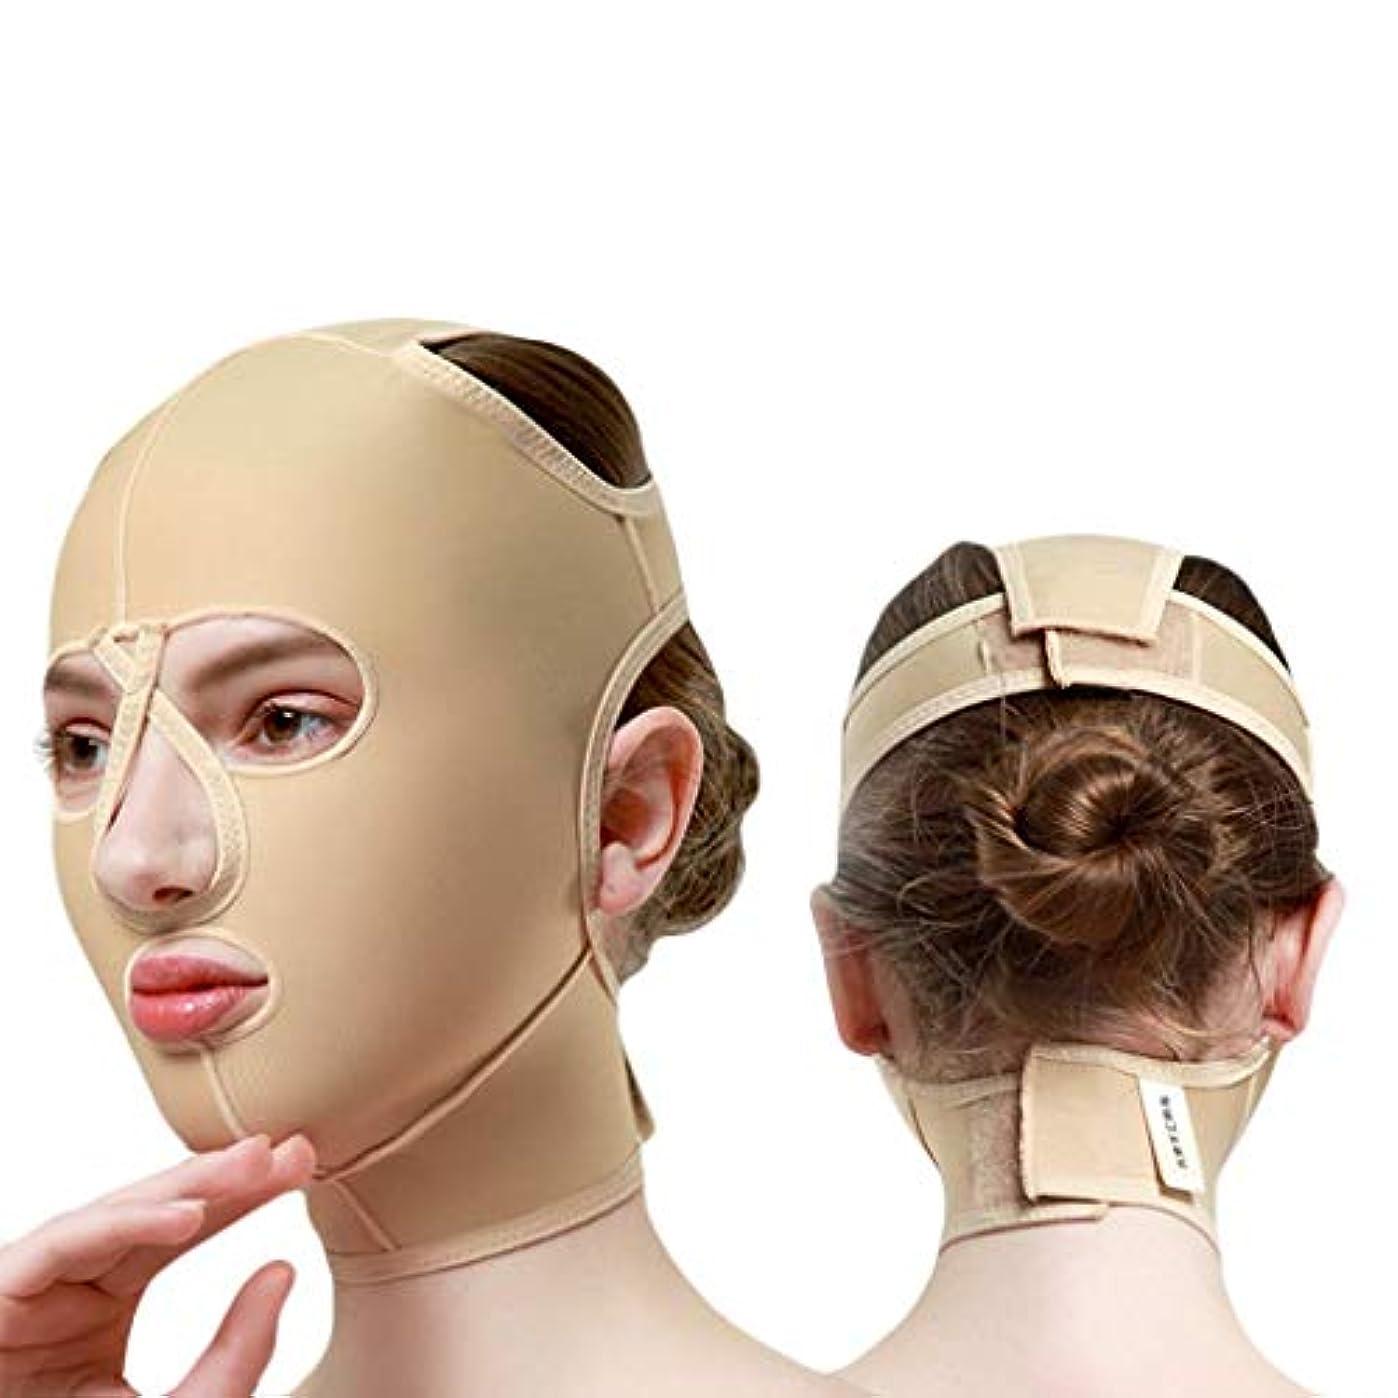 動脈性別思い出すチンストラップ、顔彫りツール、リフティングマスク、ダブルチンリデューサー、フェイスリフティングエラスティックマスクメス(サイズ:M),L